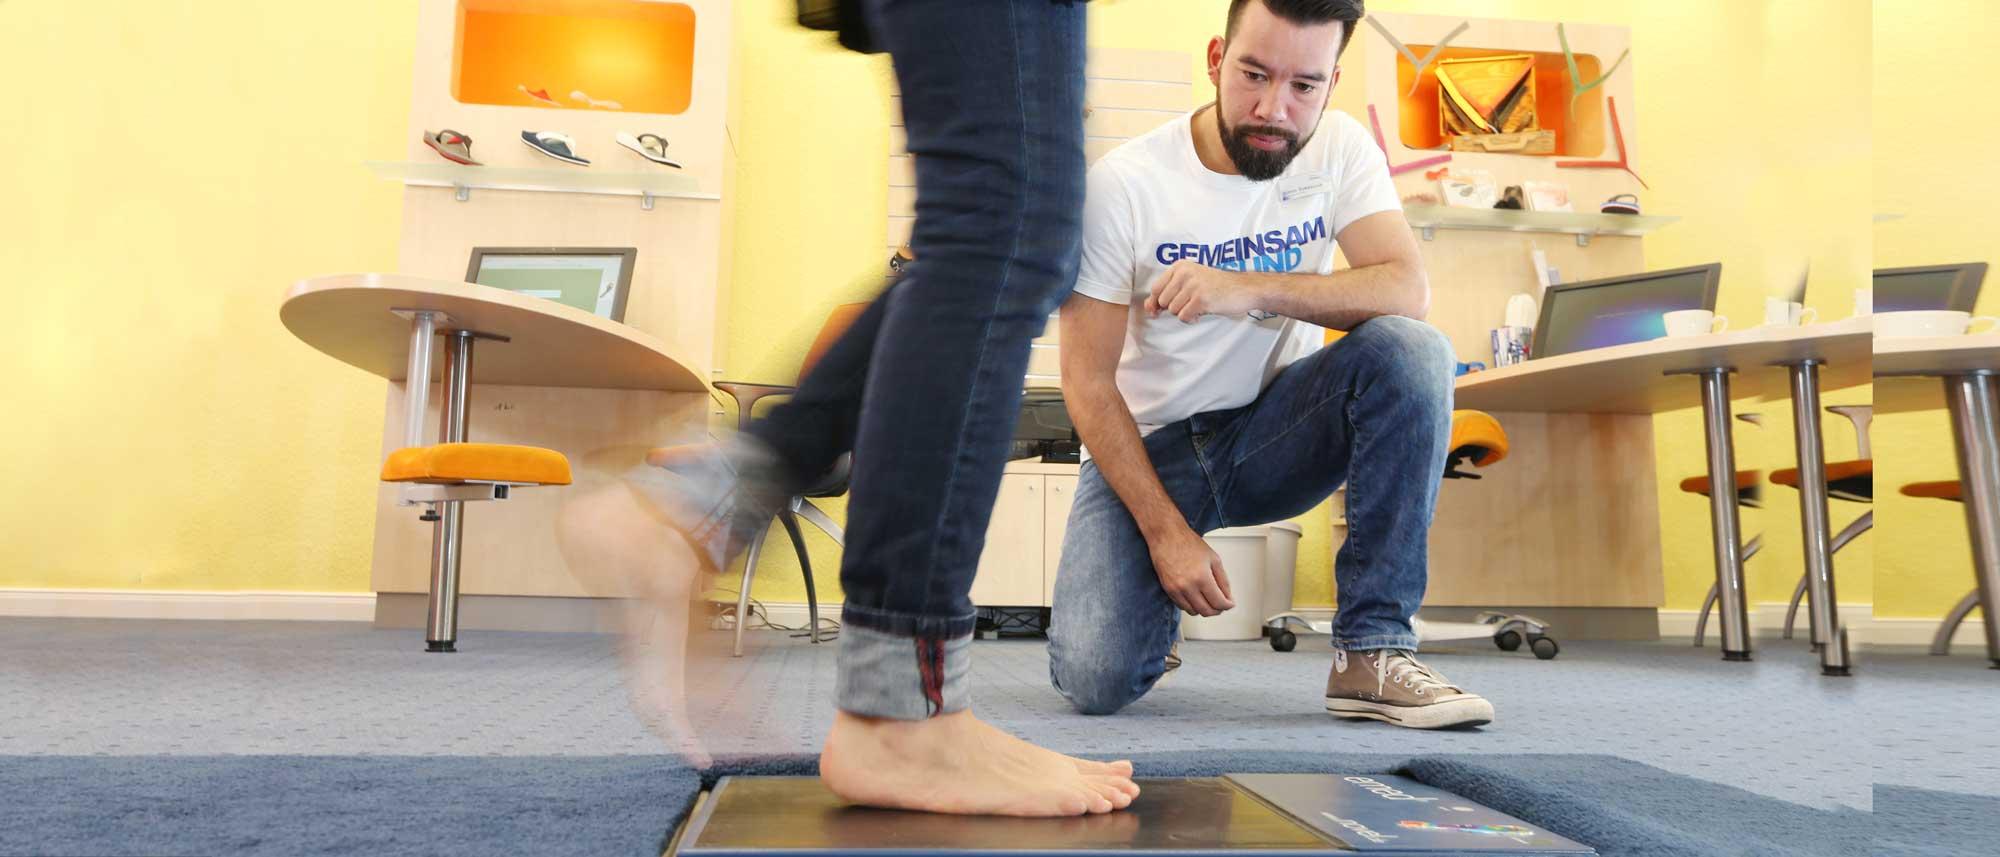 Fußanalyse mithilfe des dynamischen Fußabdruckes